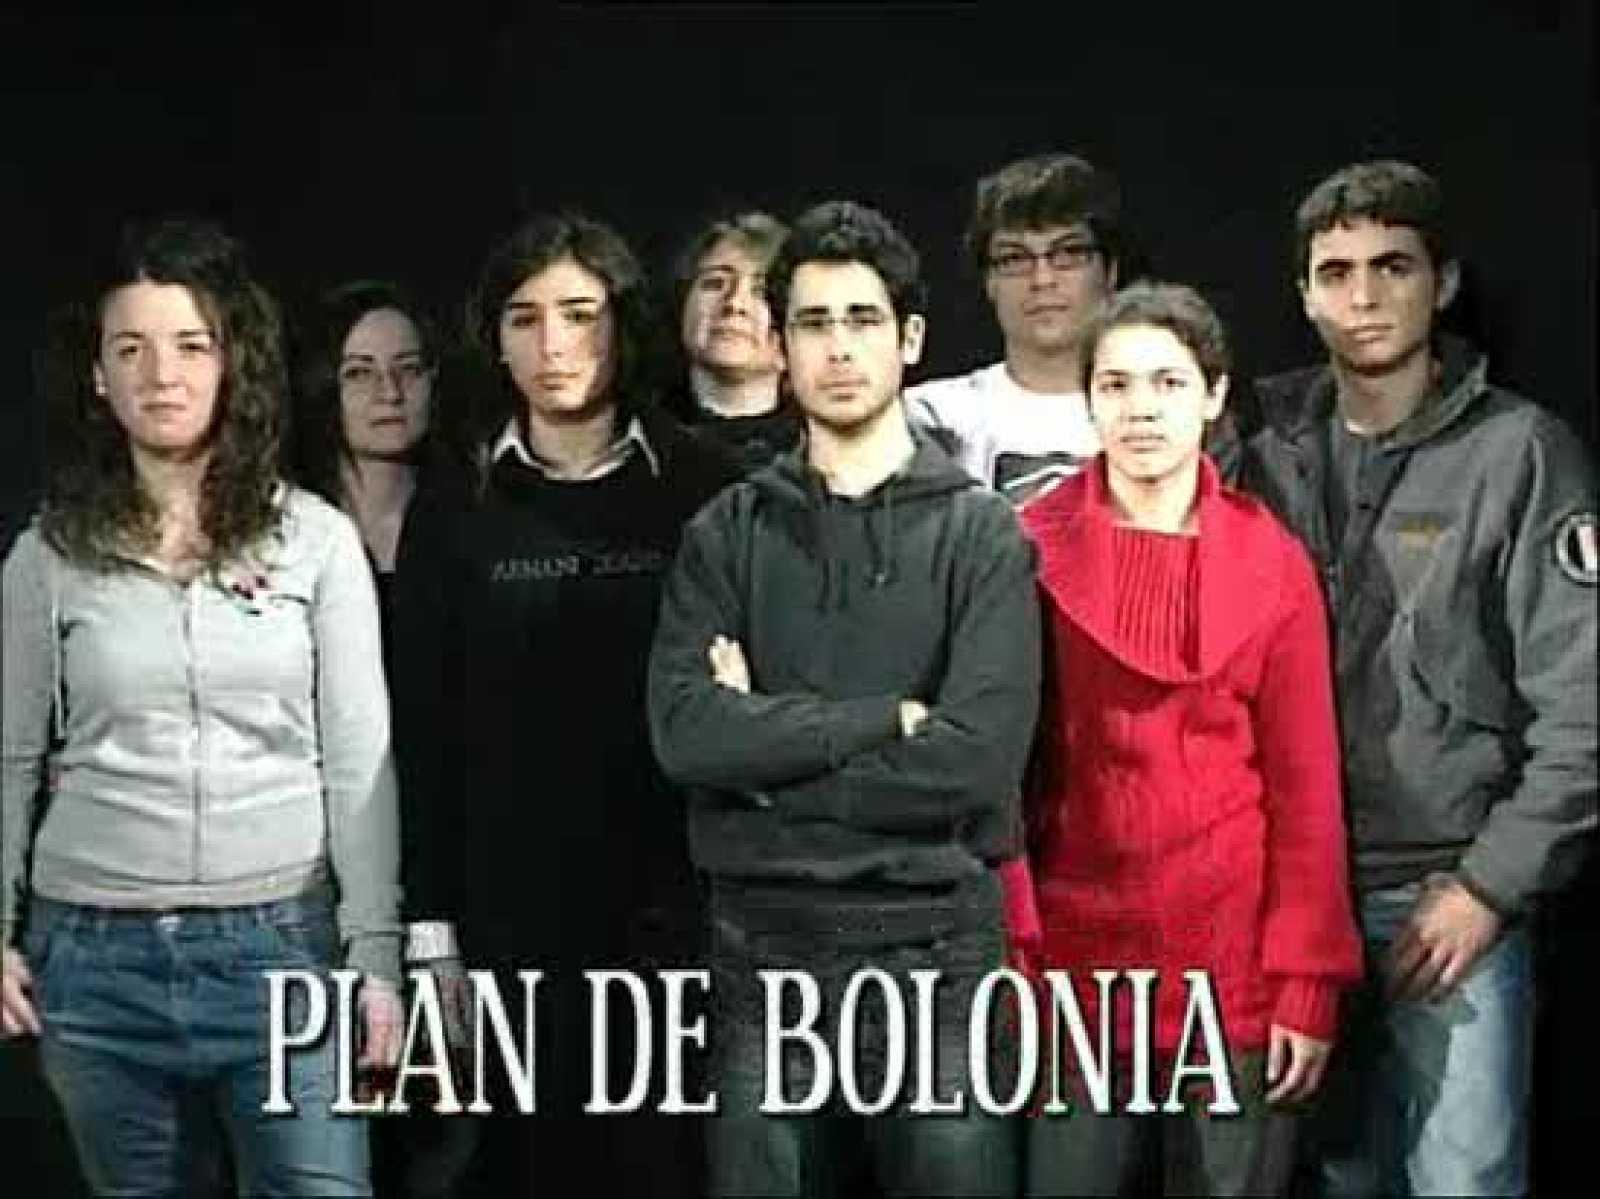 Alumnos de comunicación de IE University, que ya estan dentro del plan de Bolonia, preguntan a sus compañeros que opinan sobre Bolonia y cómo imaginan la universidad del futuro.